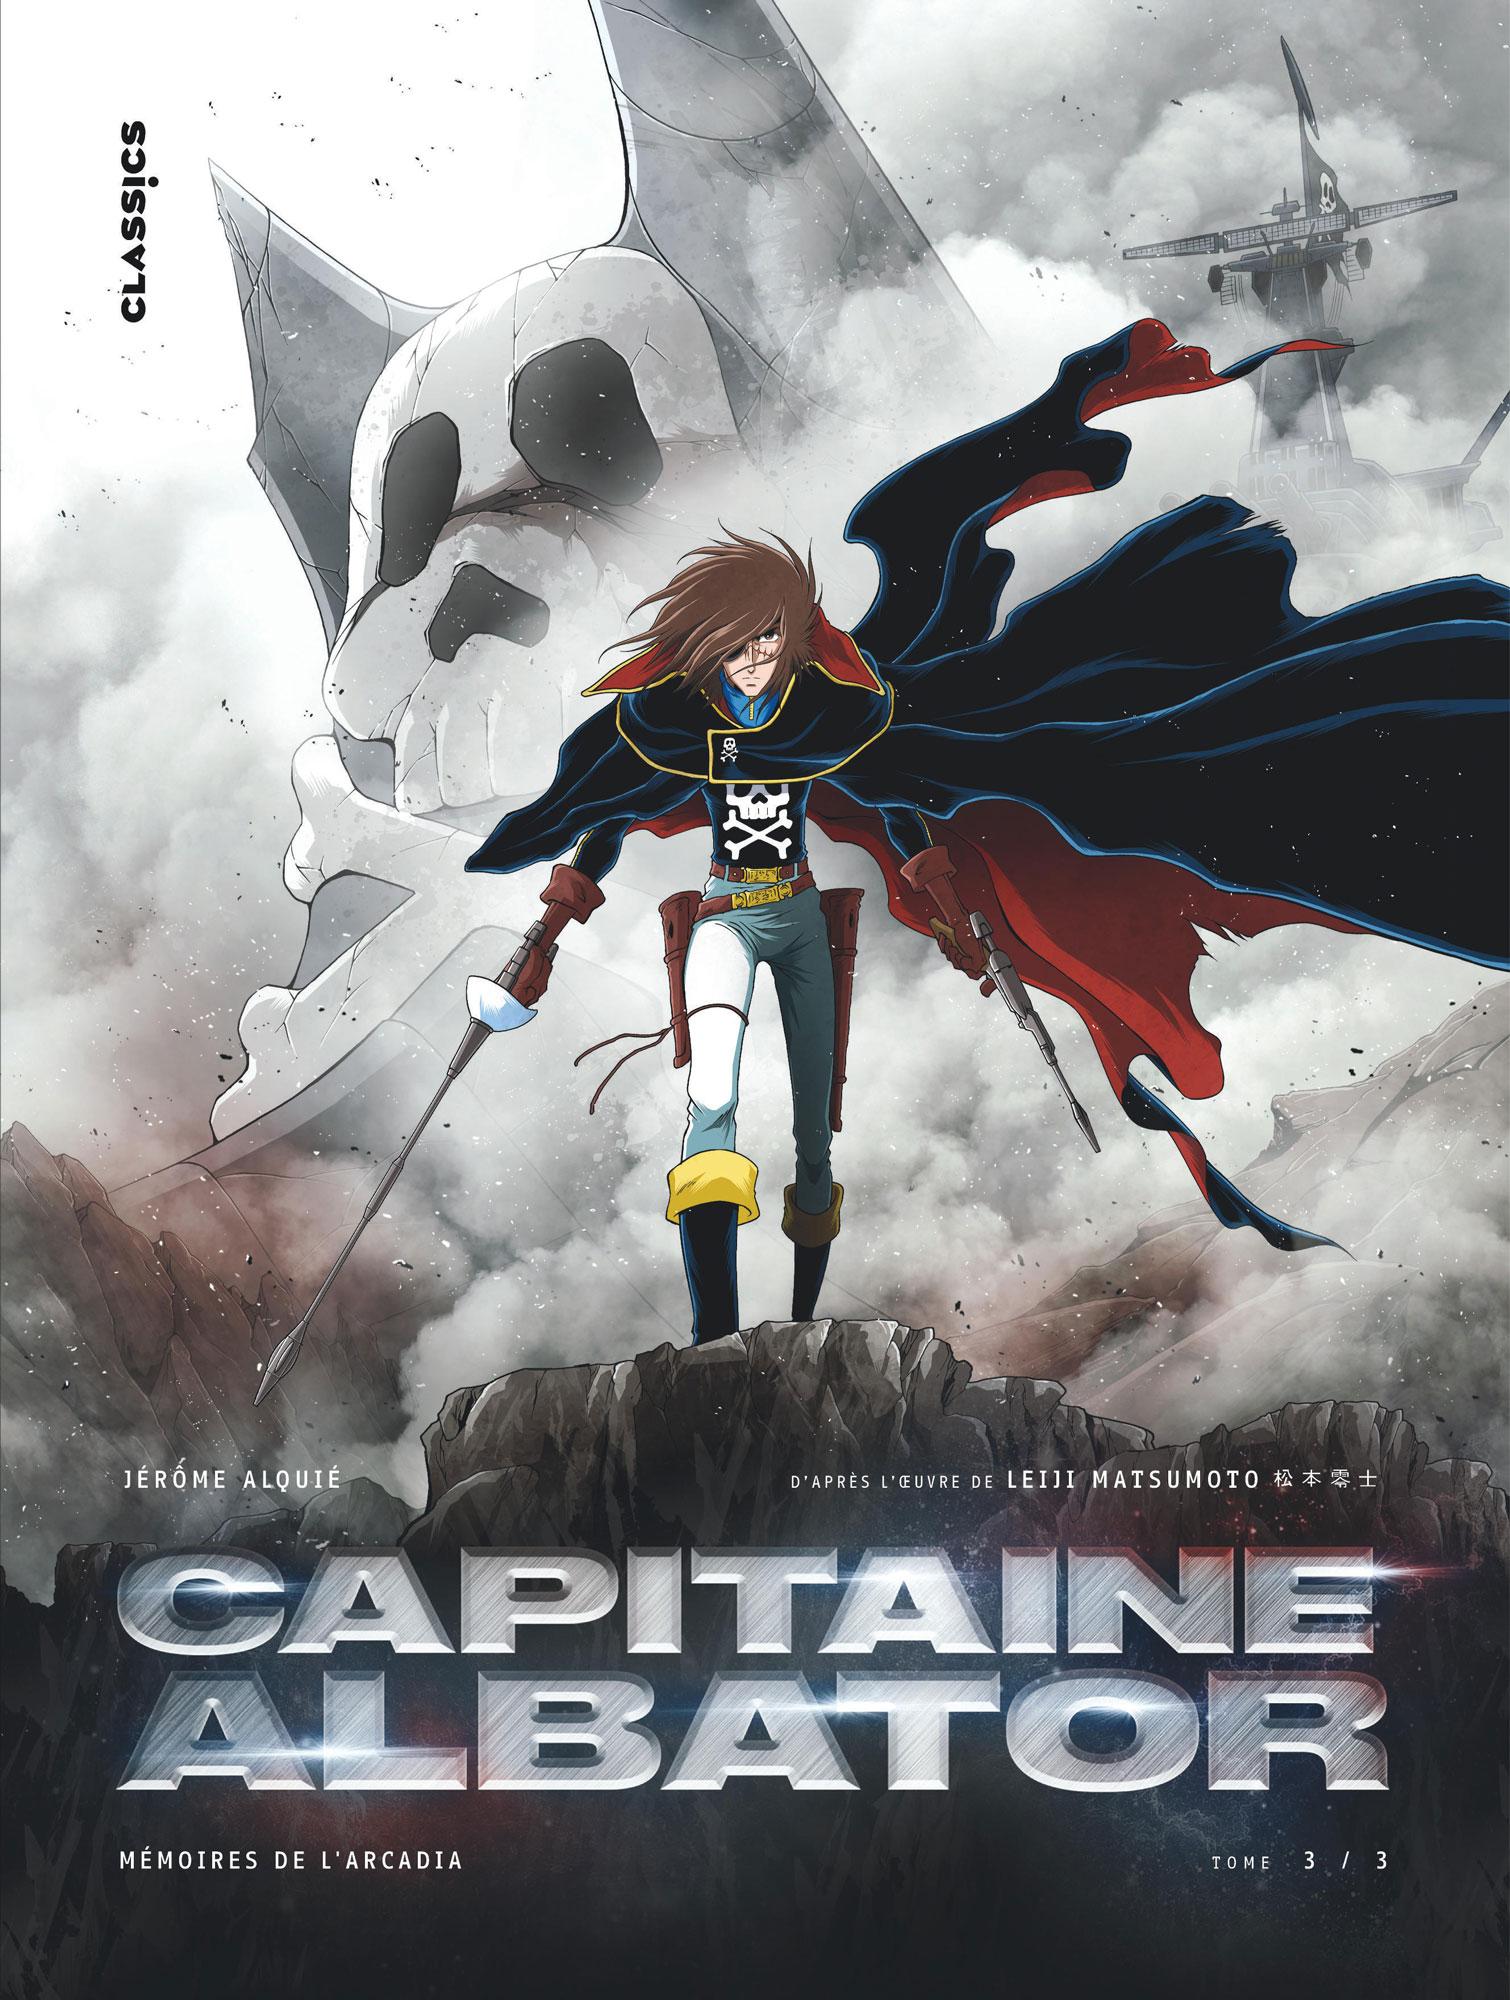 capitaine_albator_memoires_arcadia_3_couv